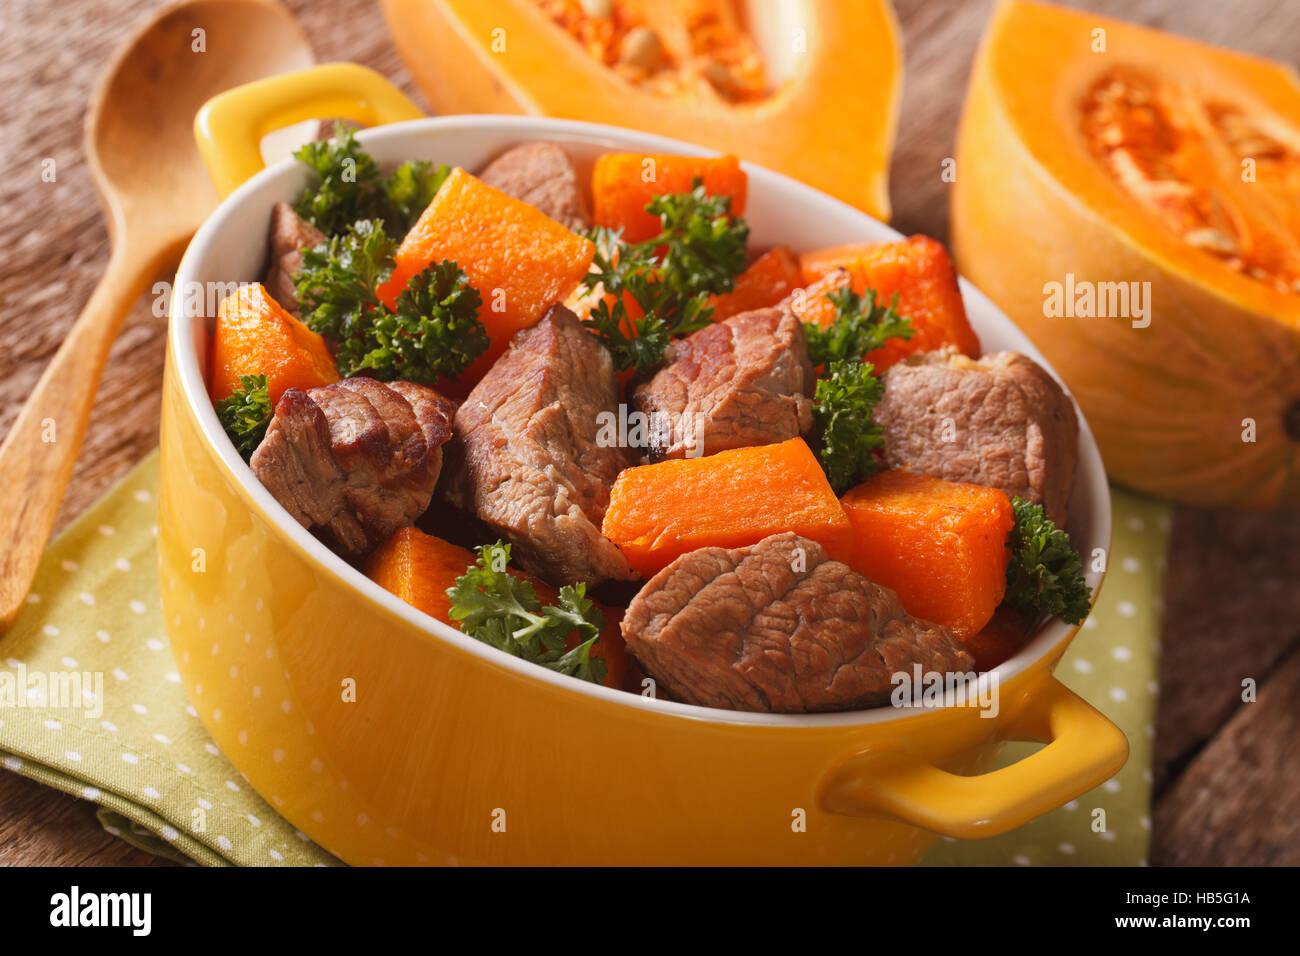 Comida casera: estofado de carne con calabaza closeup en el bote amarillo horizontal sobre la mesa. Imagen De Stock